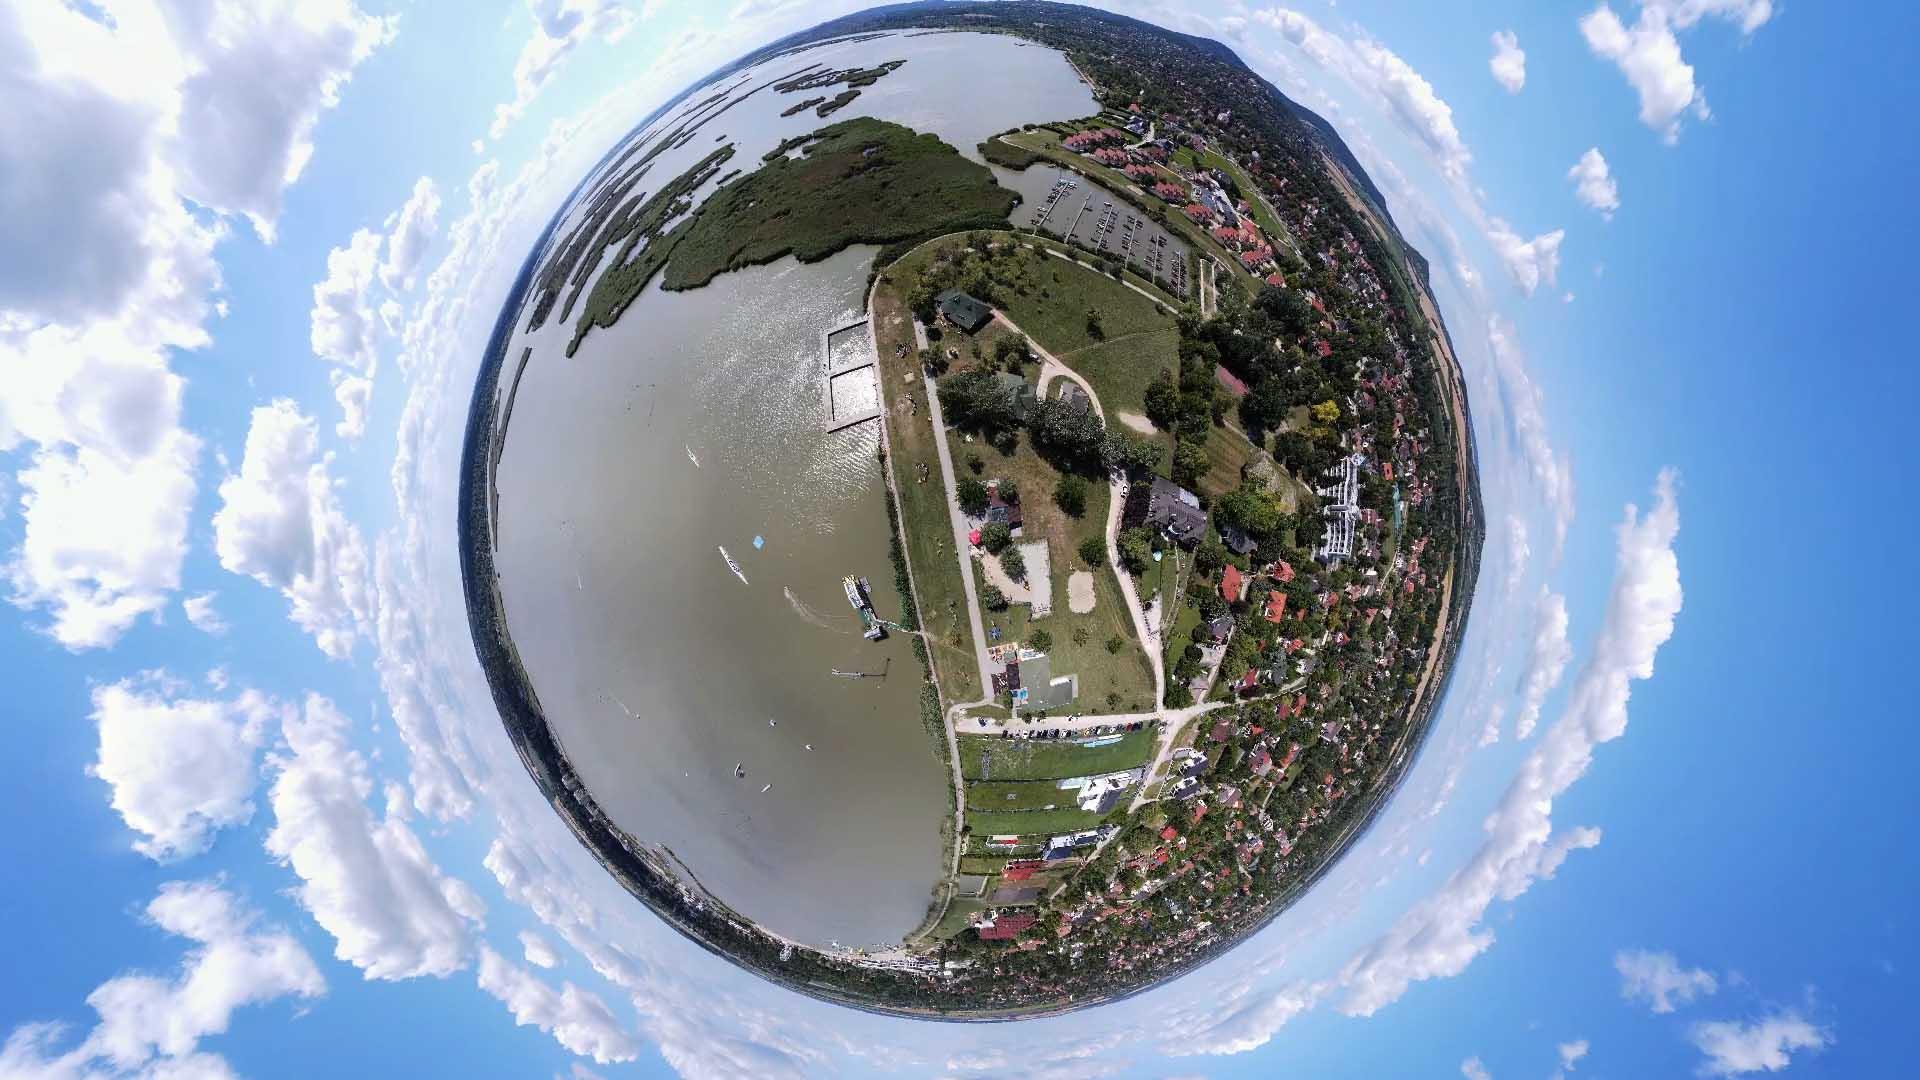 Velencei tó wakeboard pálya